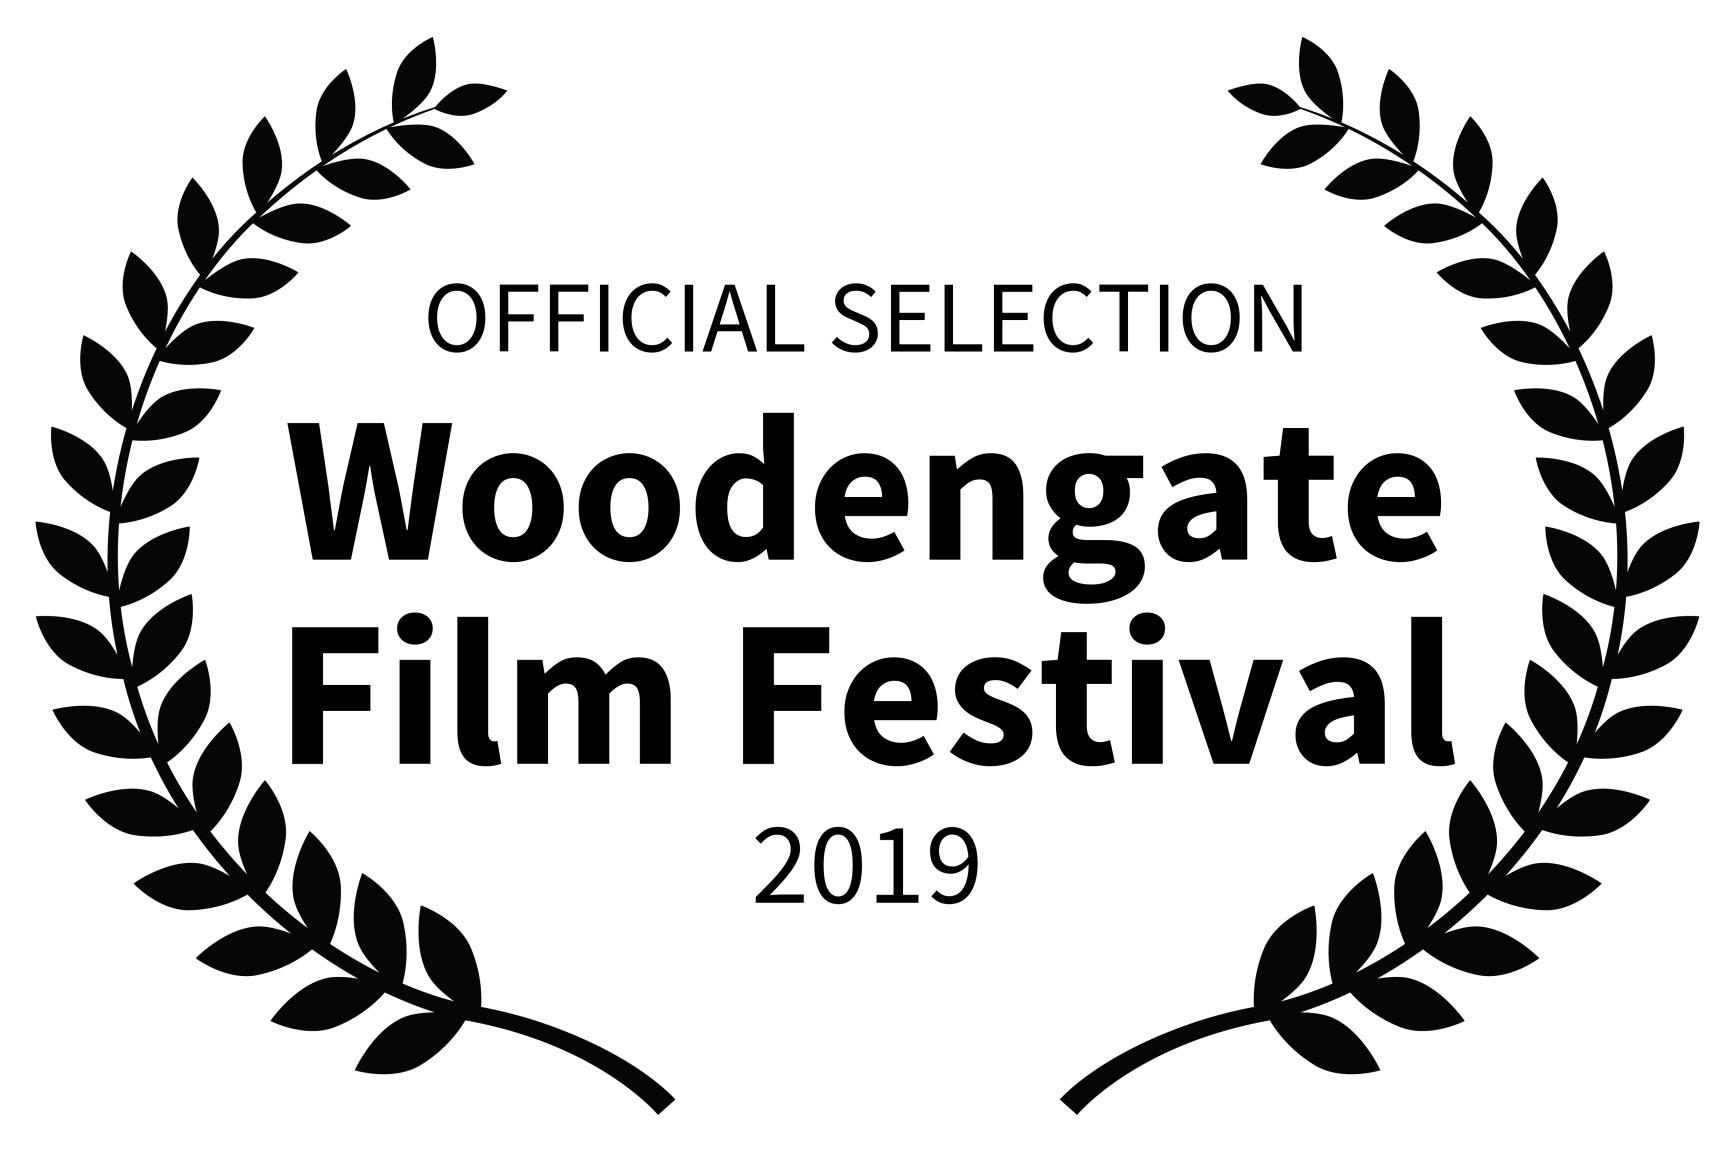 woodengate_film_festival_malsano.jpg